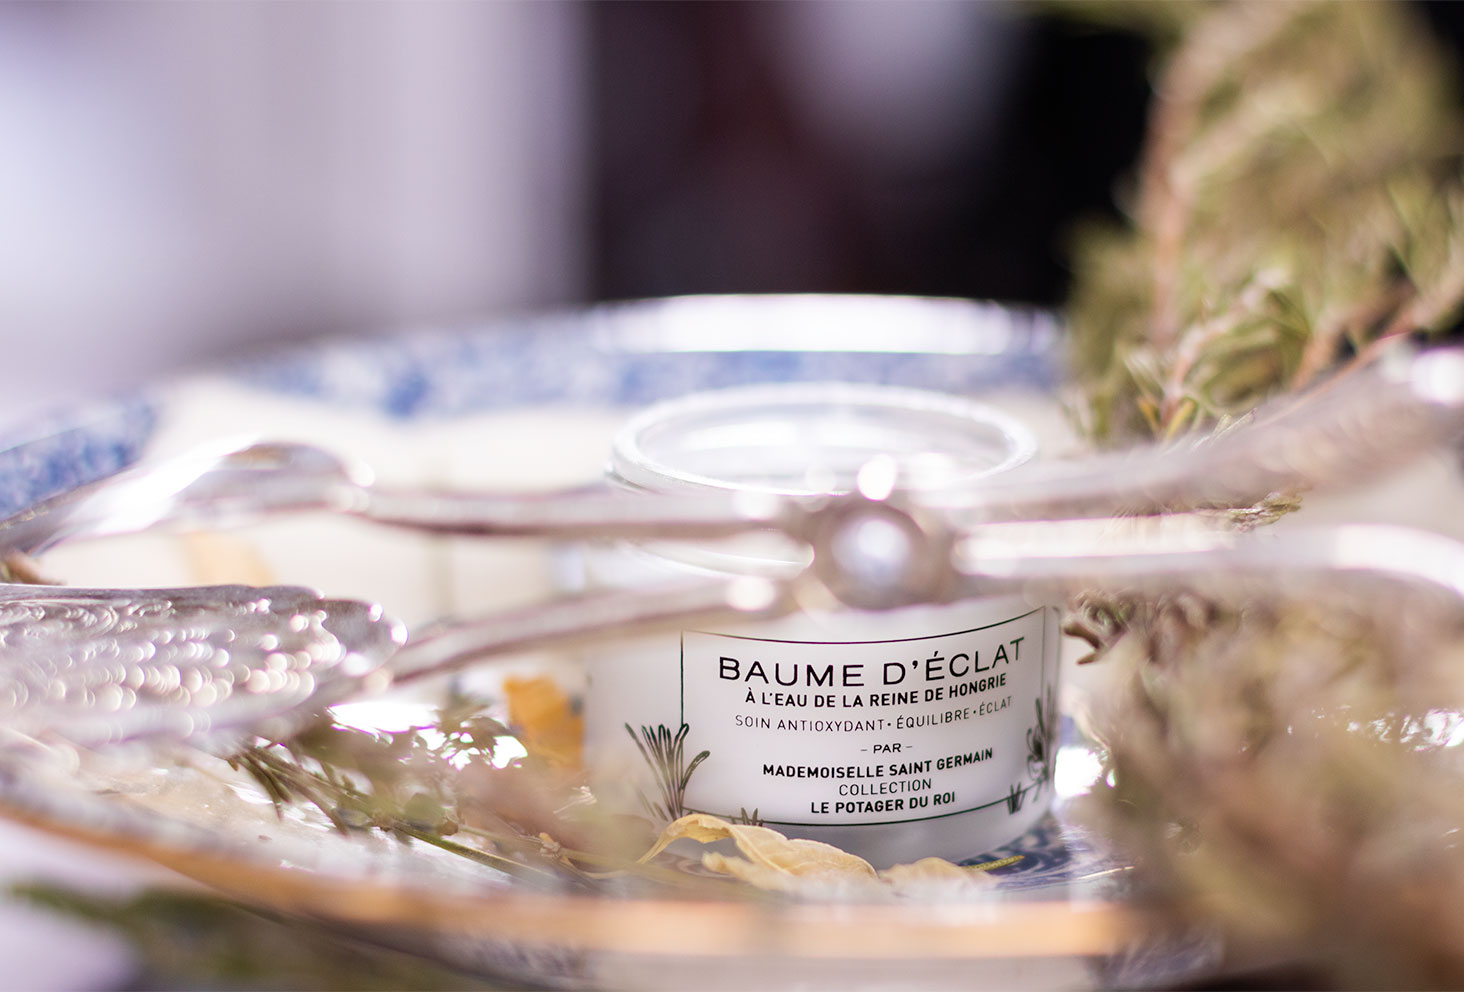 Le pot du baume d'Eclat à l'eau de la Reine de Hongrie dans une soucoupe en porcelaine, au milieu du romarin et des couverts en argent